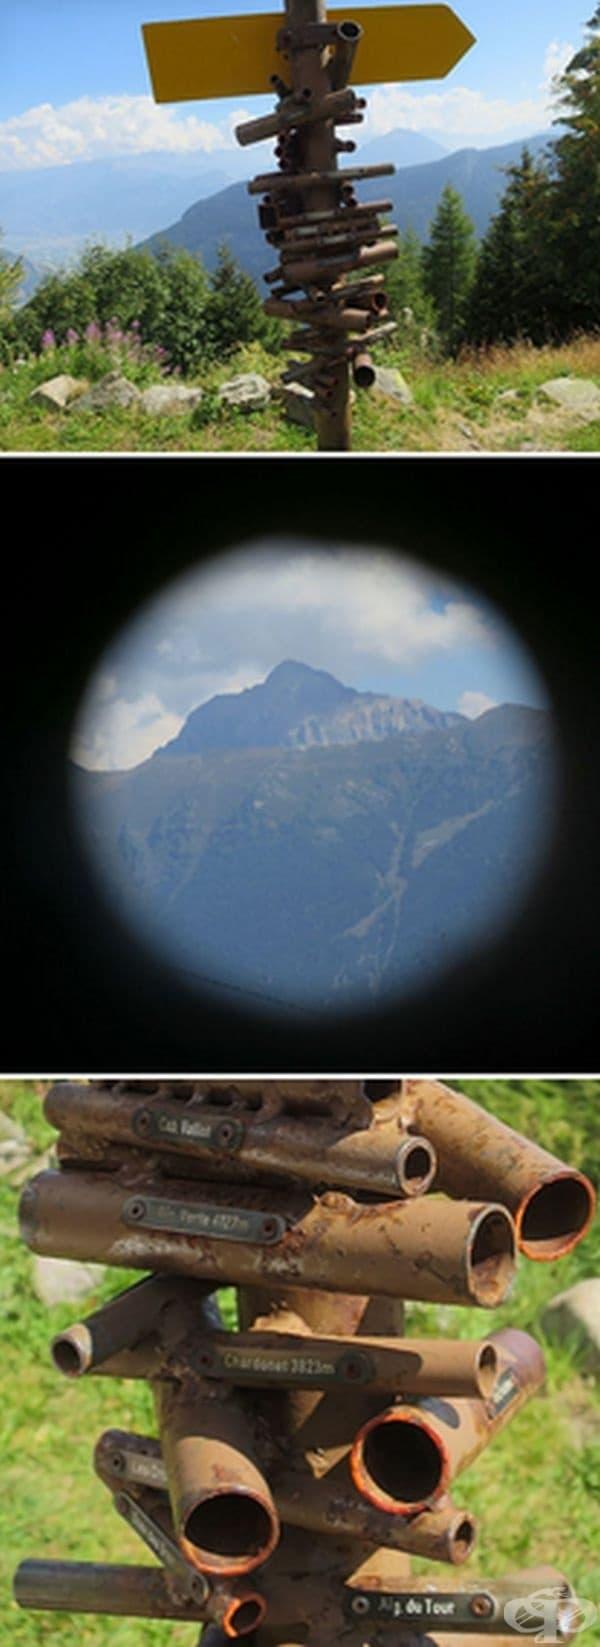 Тези тръби помагат да се открие определена планина сред многото други в Швейцария.